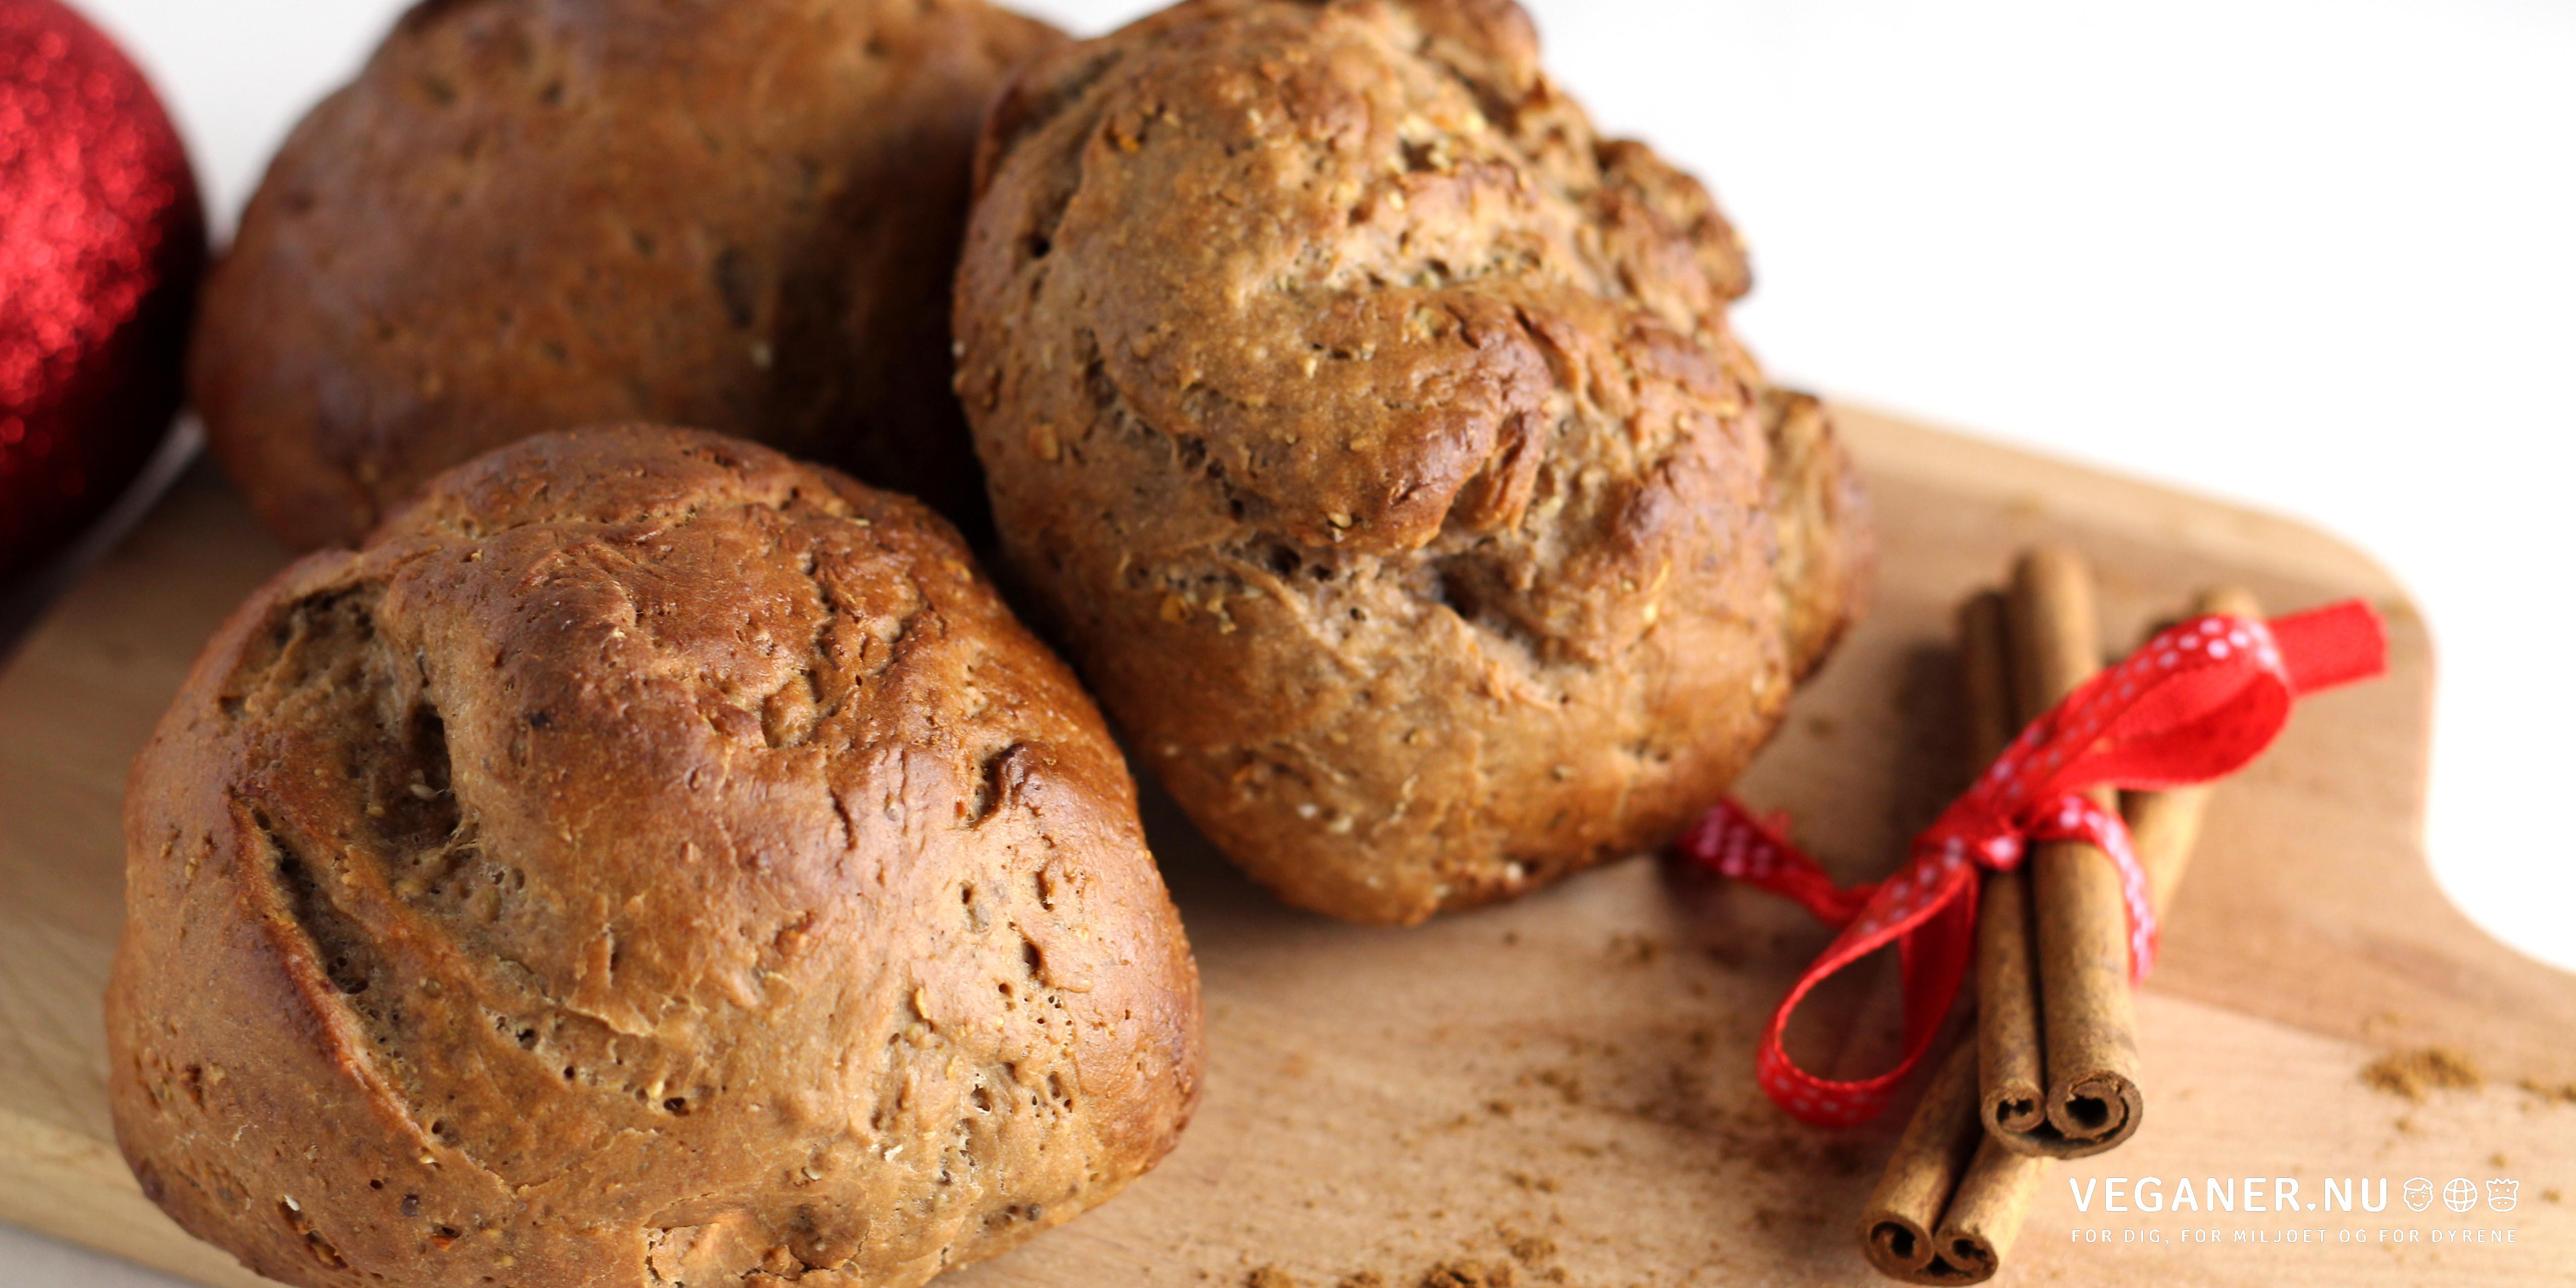 Juleboller med nougat, appelsin og varme krydderier